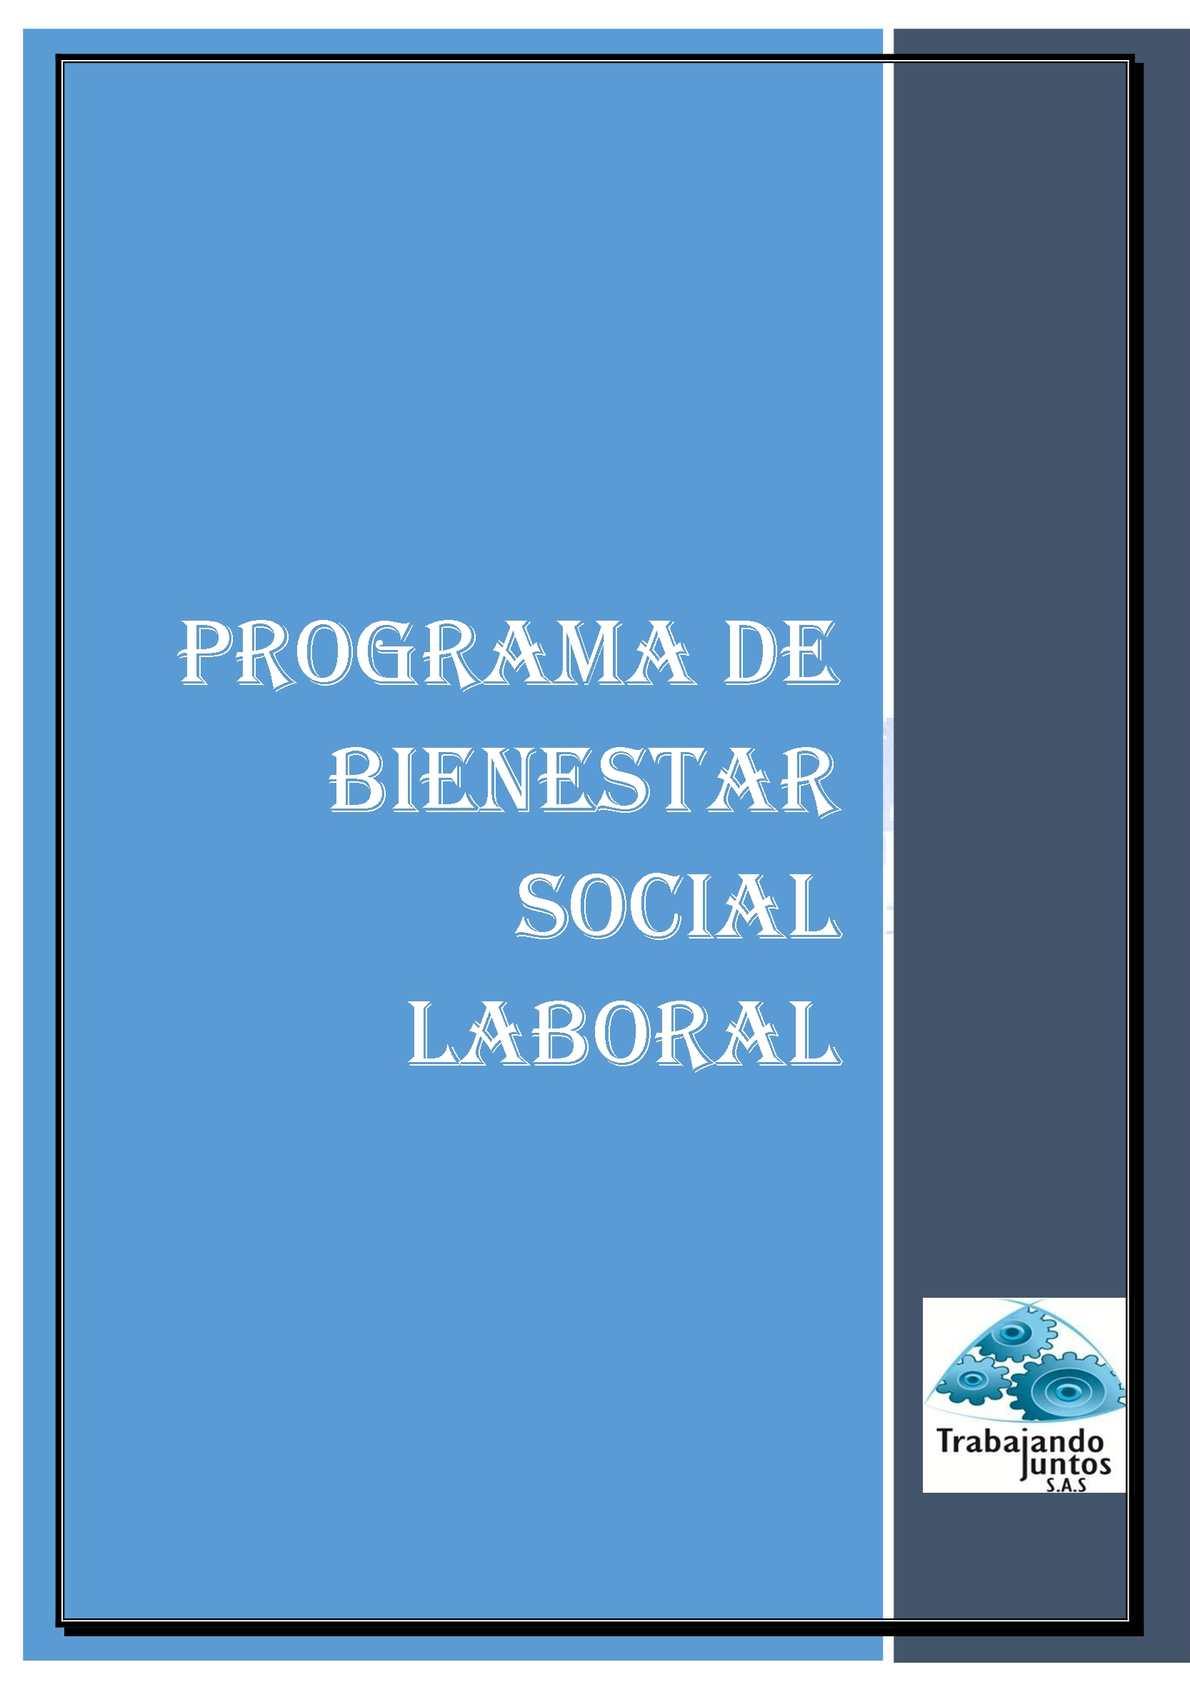 plan de bienestar social laboral de una empresa